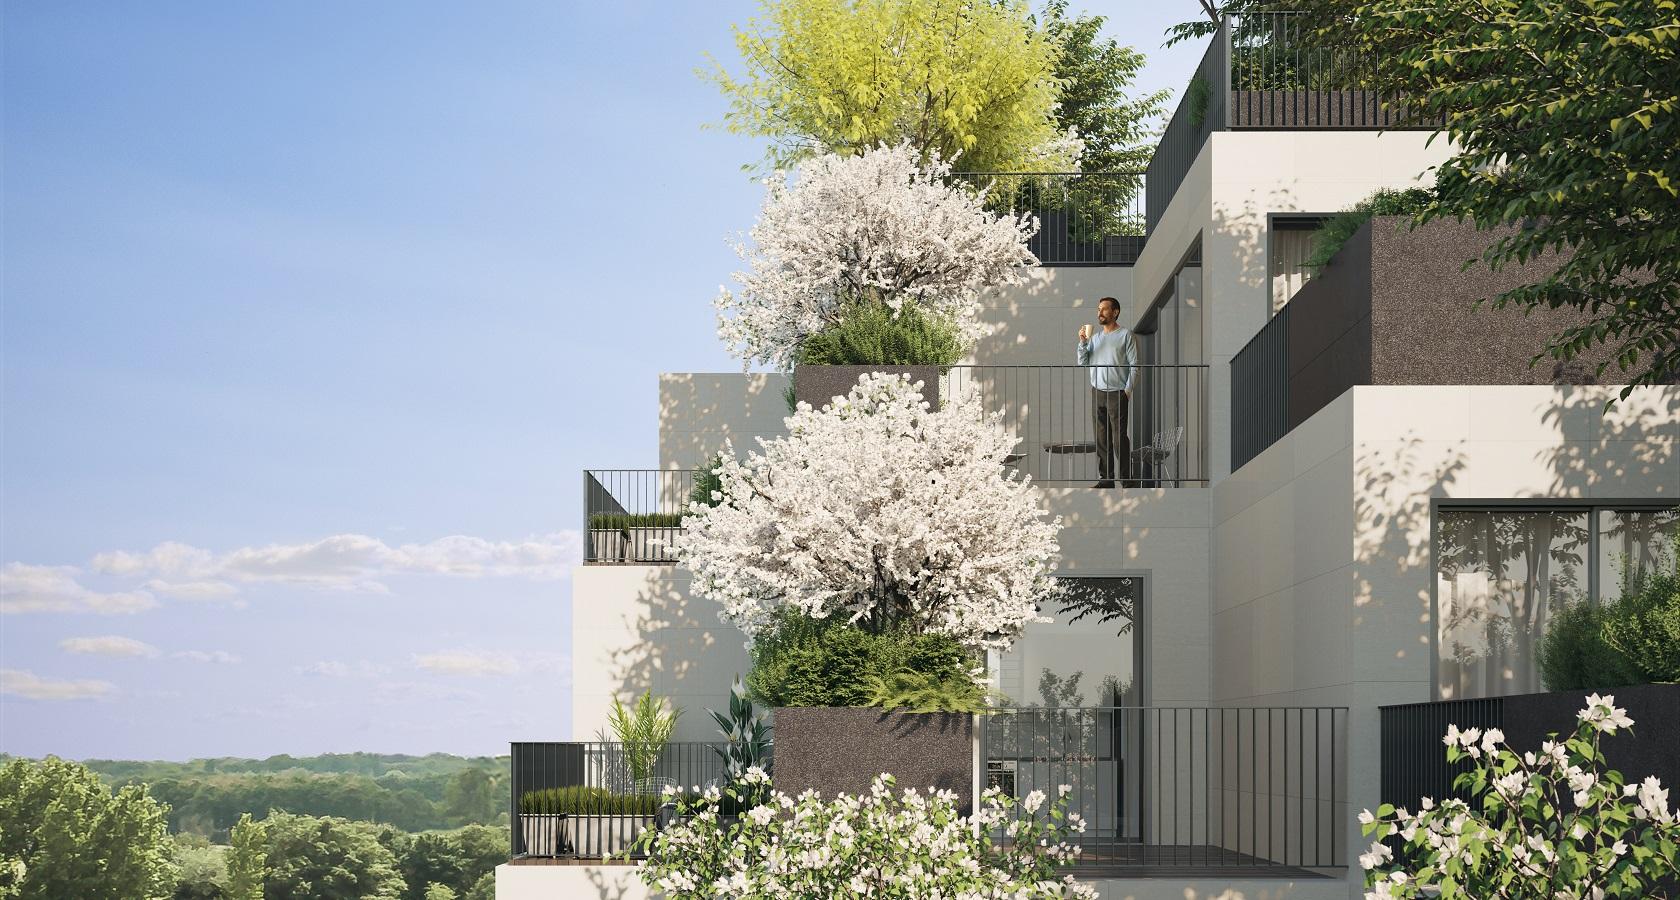 Illustrasjon av et bygg hvor det vokser grønne planet på hver eneste balkong